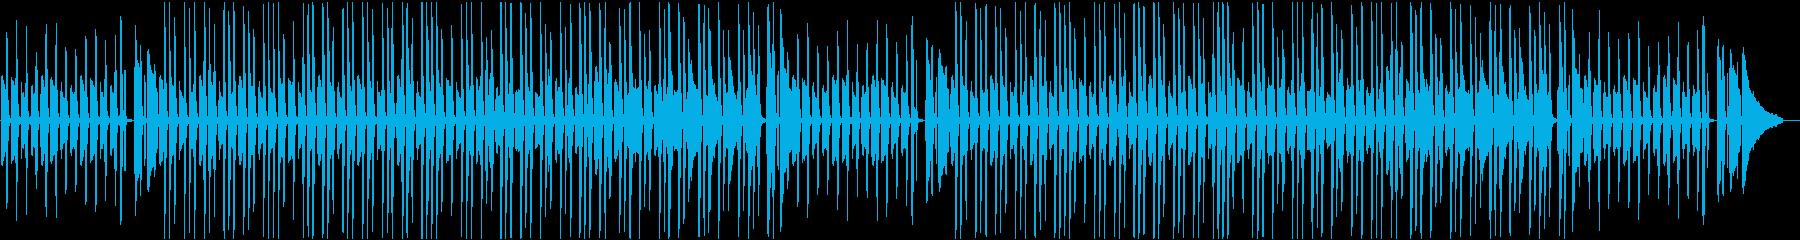 日常・コミカル・雑談・配信の再生済みの波形